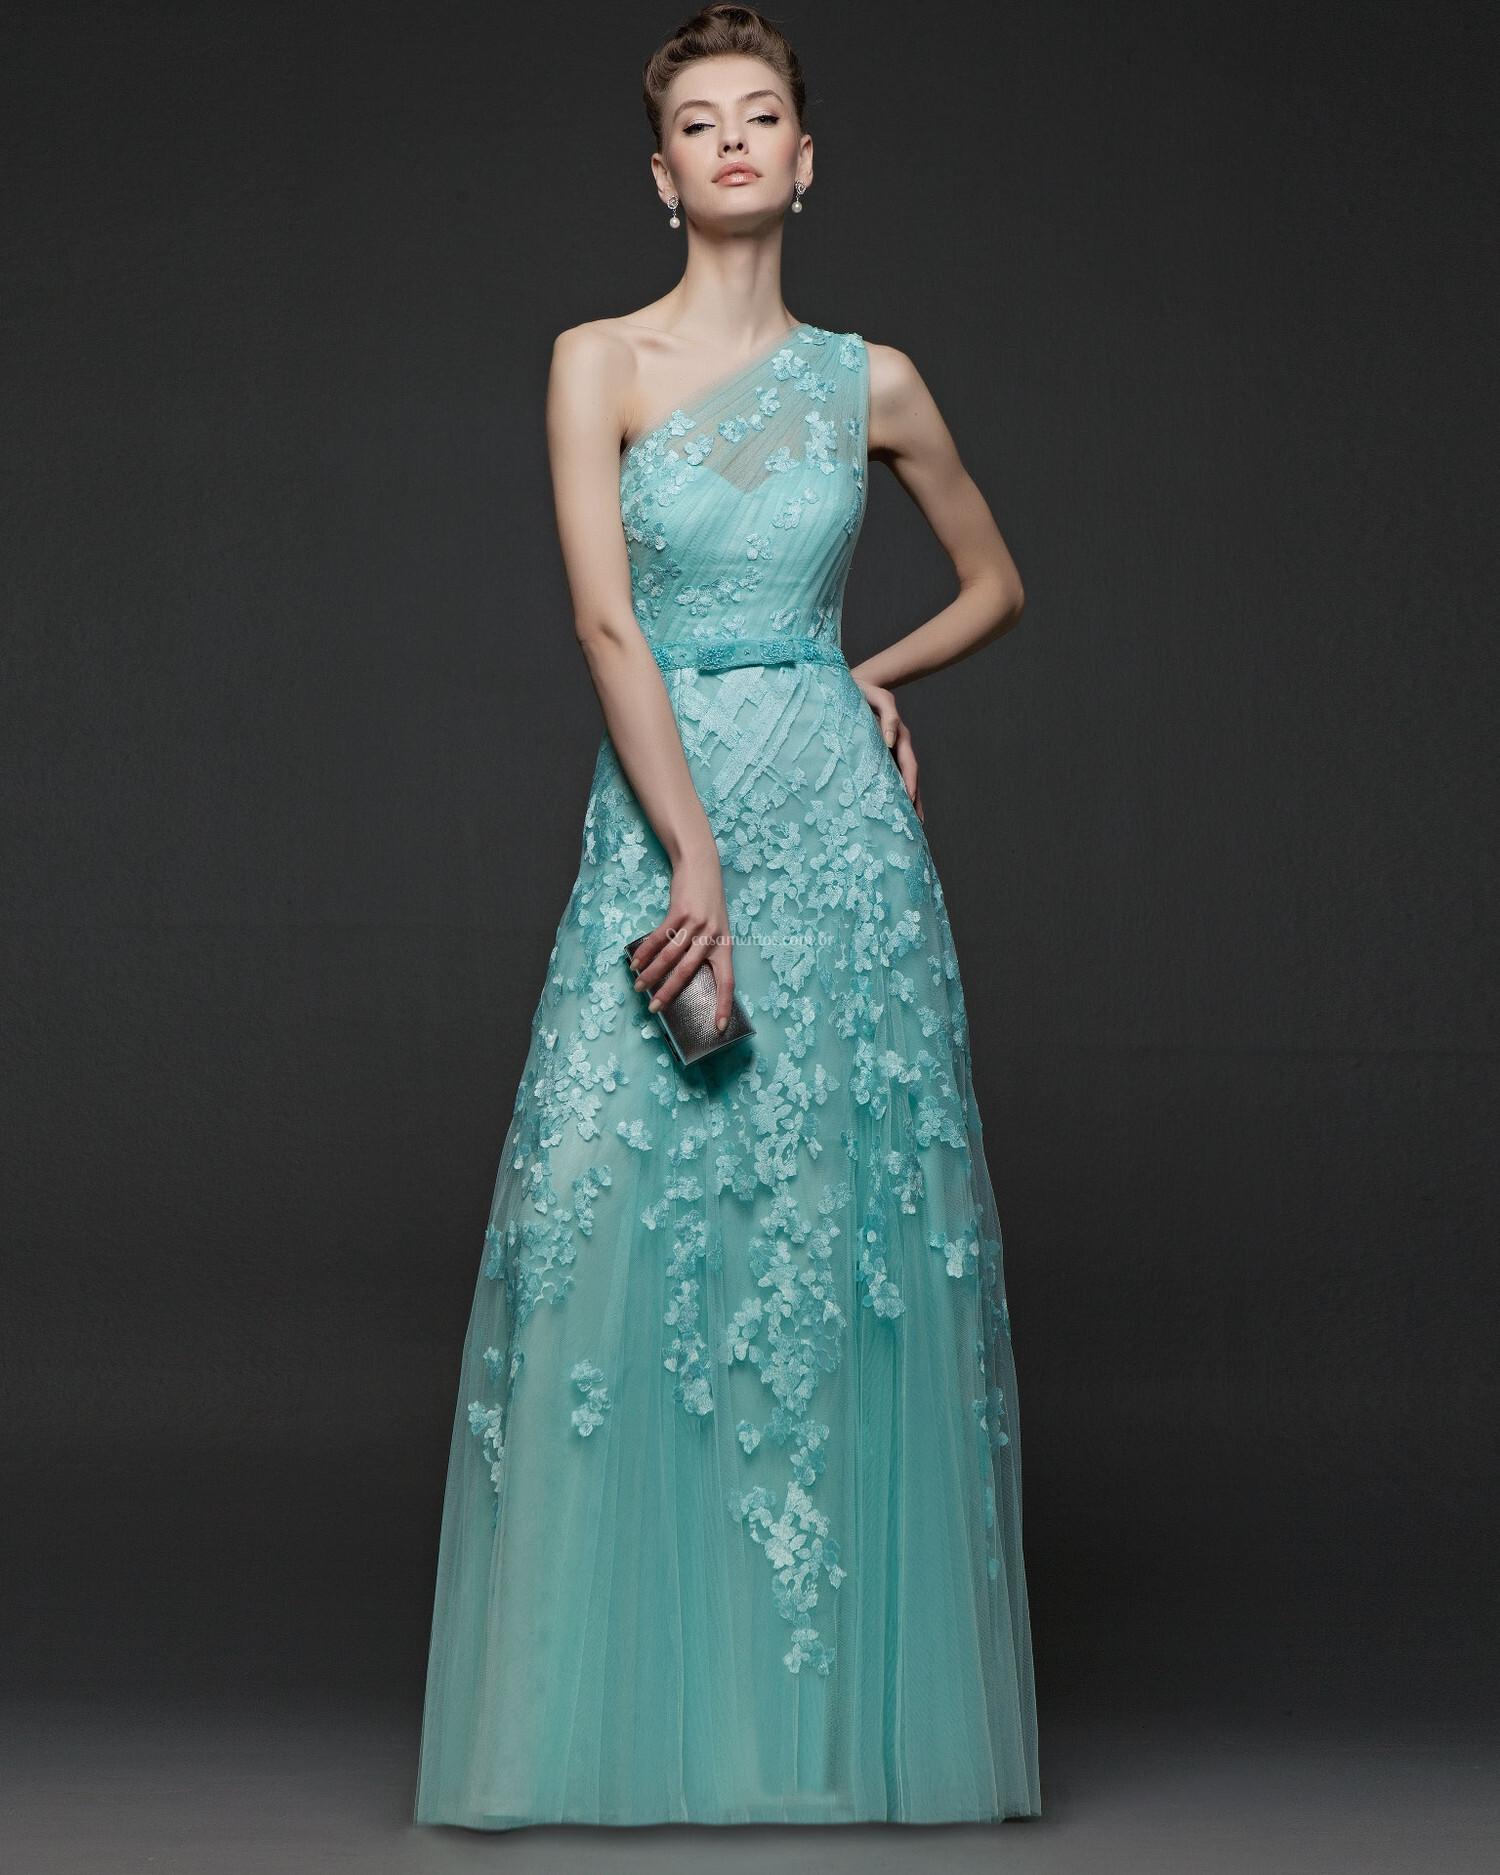 http://cdn0.casamentos.com.br/cat/vestidos-festa/rosa-clara/225--fvo5746.jpg